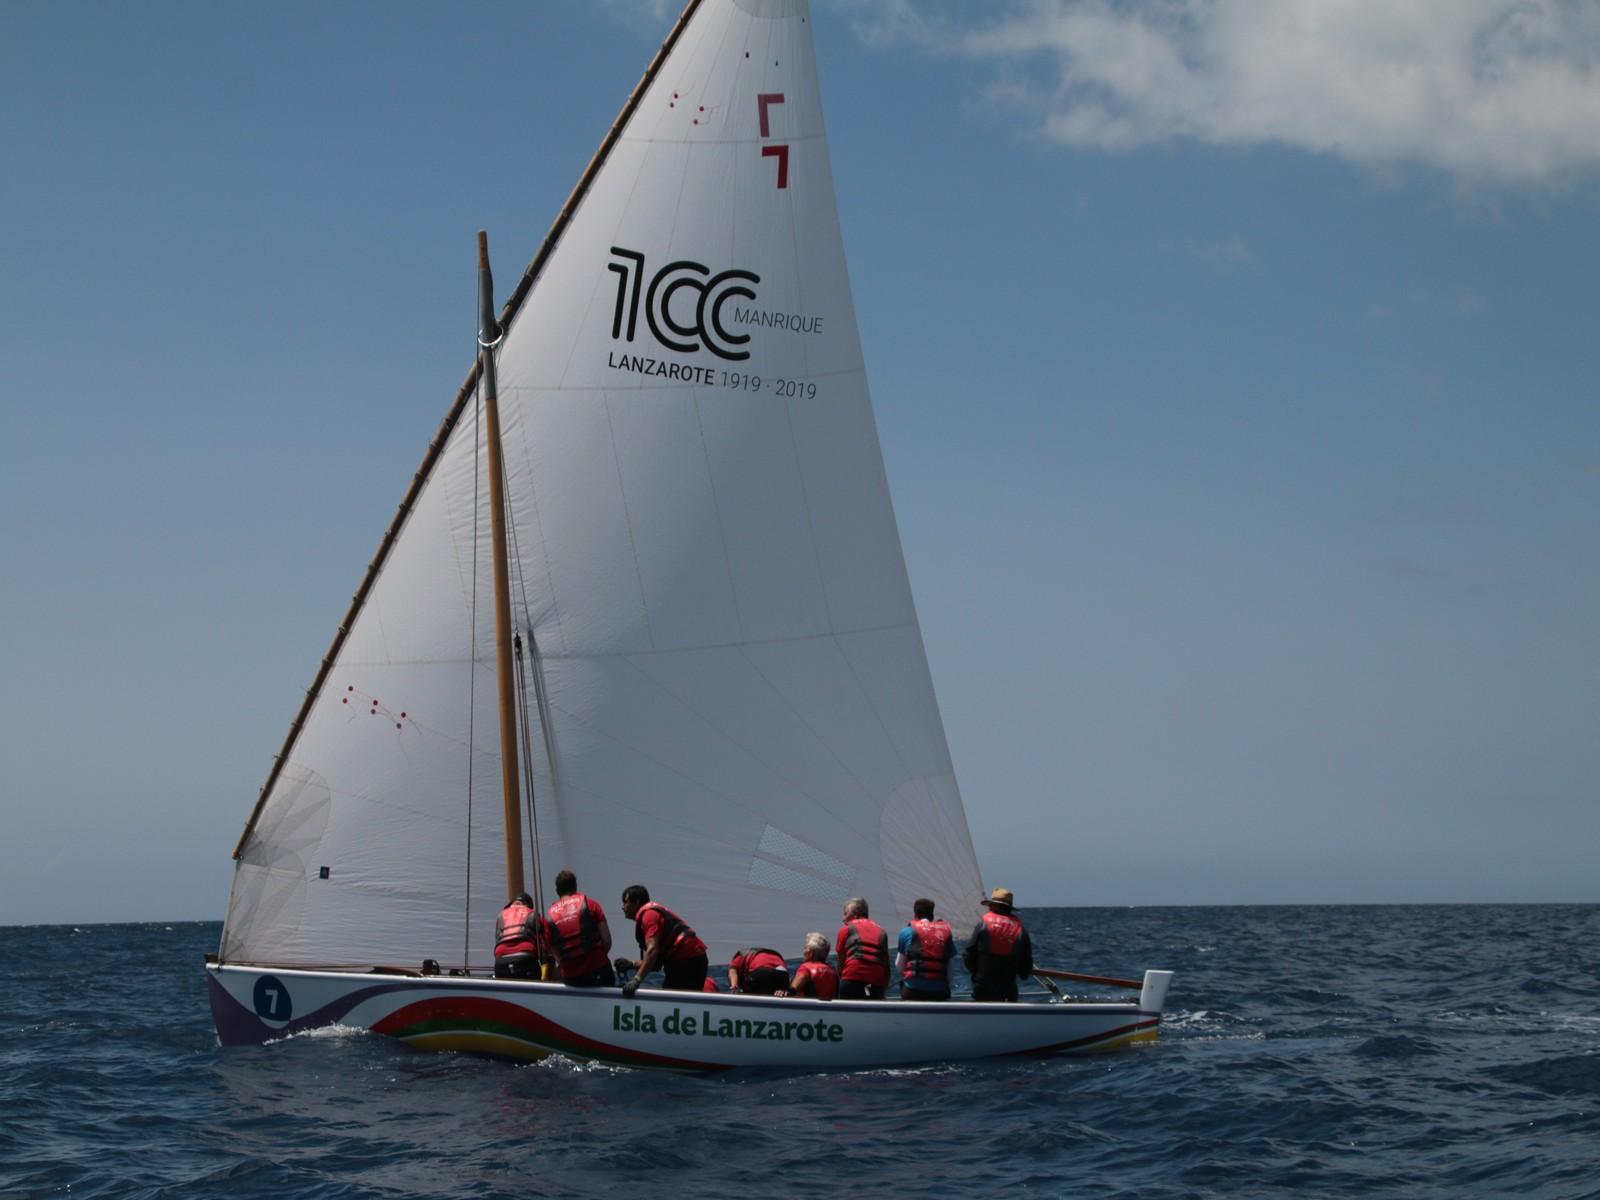 El Puerto del Arrecife campeón de la Liga Insular de Barquillos de 8,55 Metros